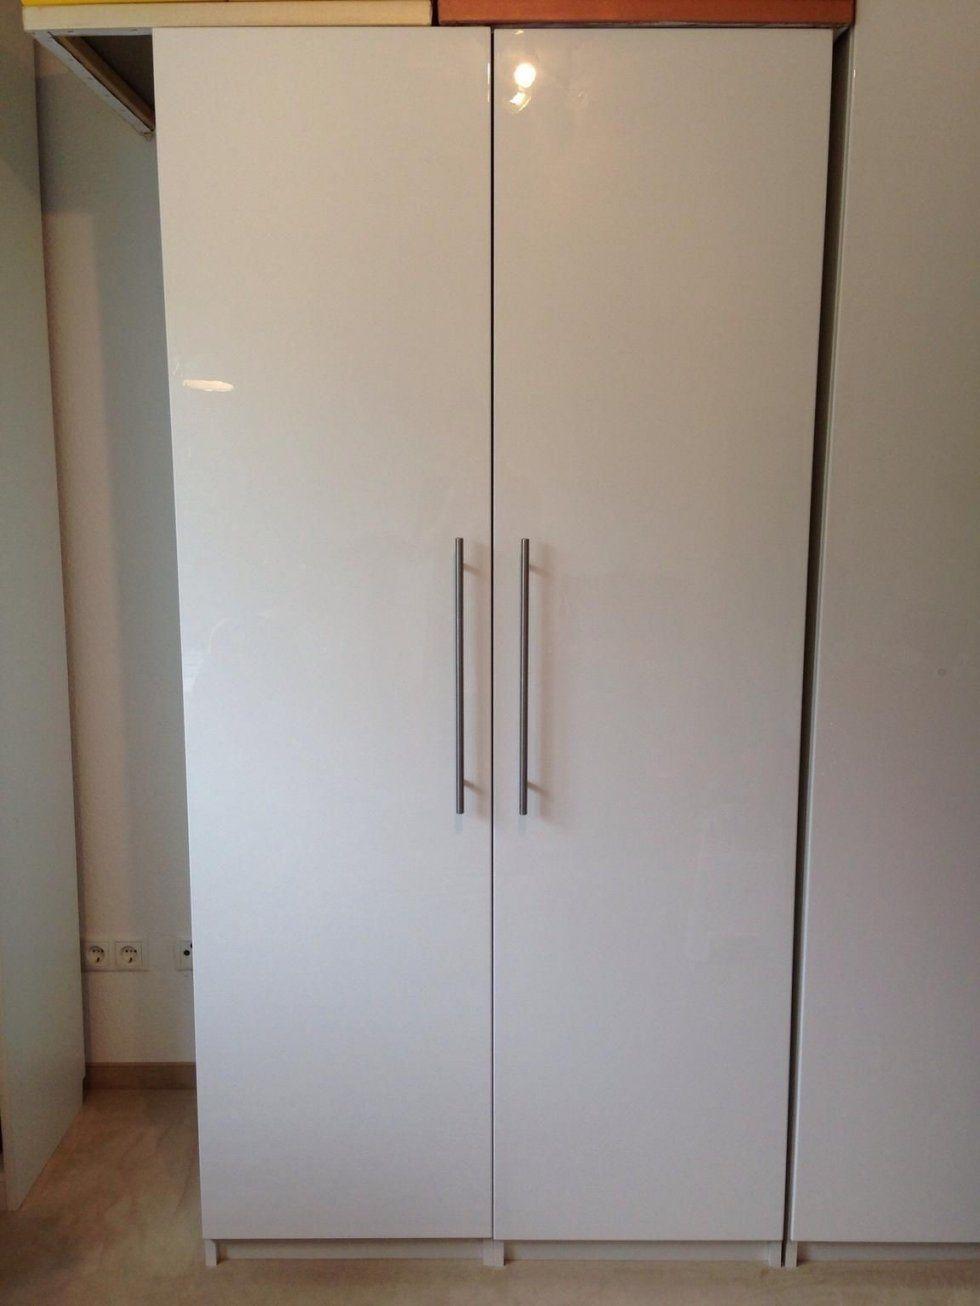 Ikea Kleiderschrank Weiß Hochglanz von Ikea Kleiderschrank Weiß Hochglanz Bild